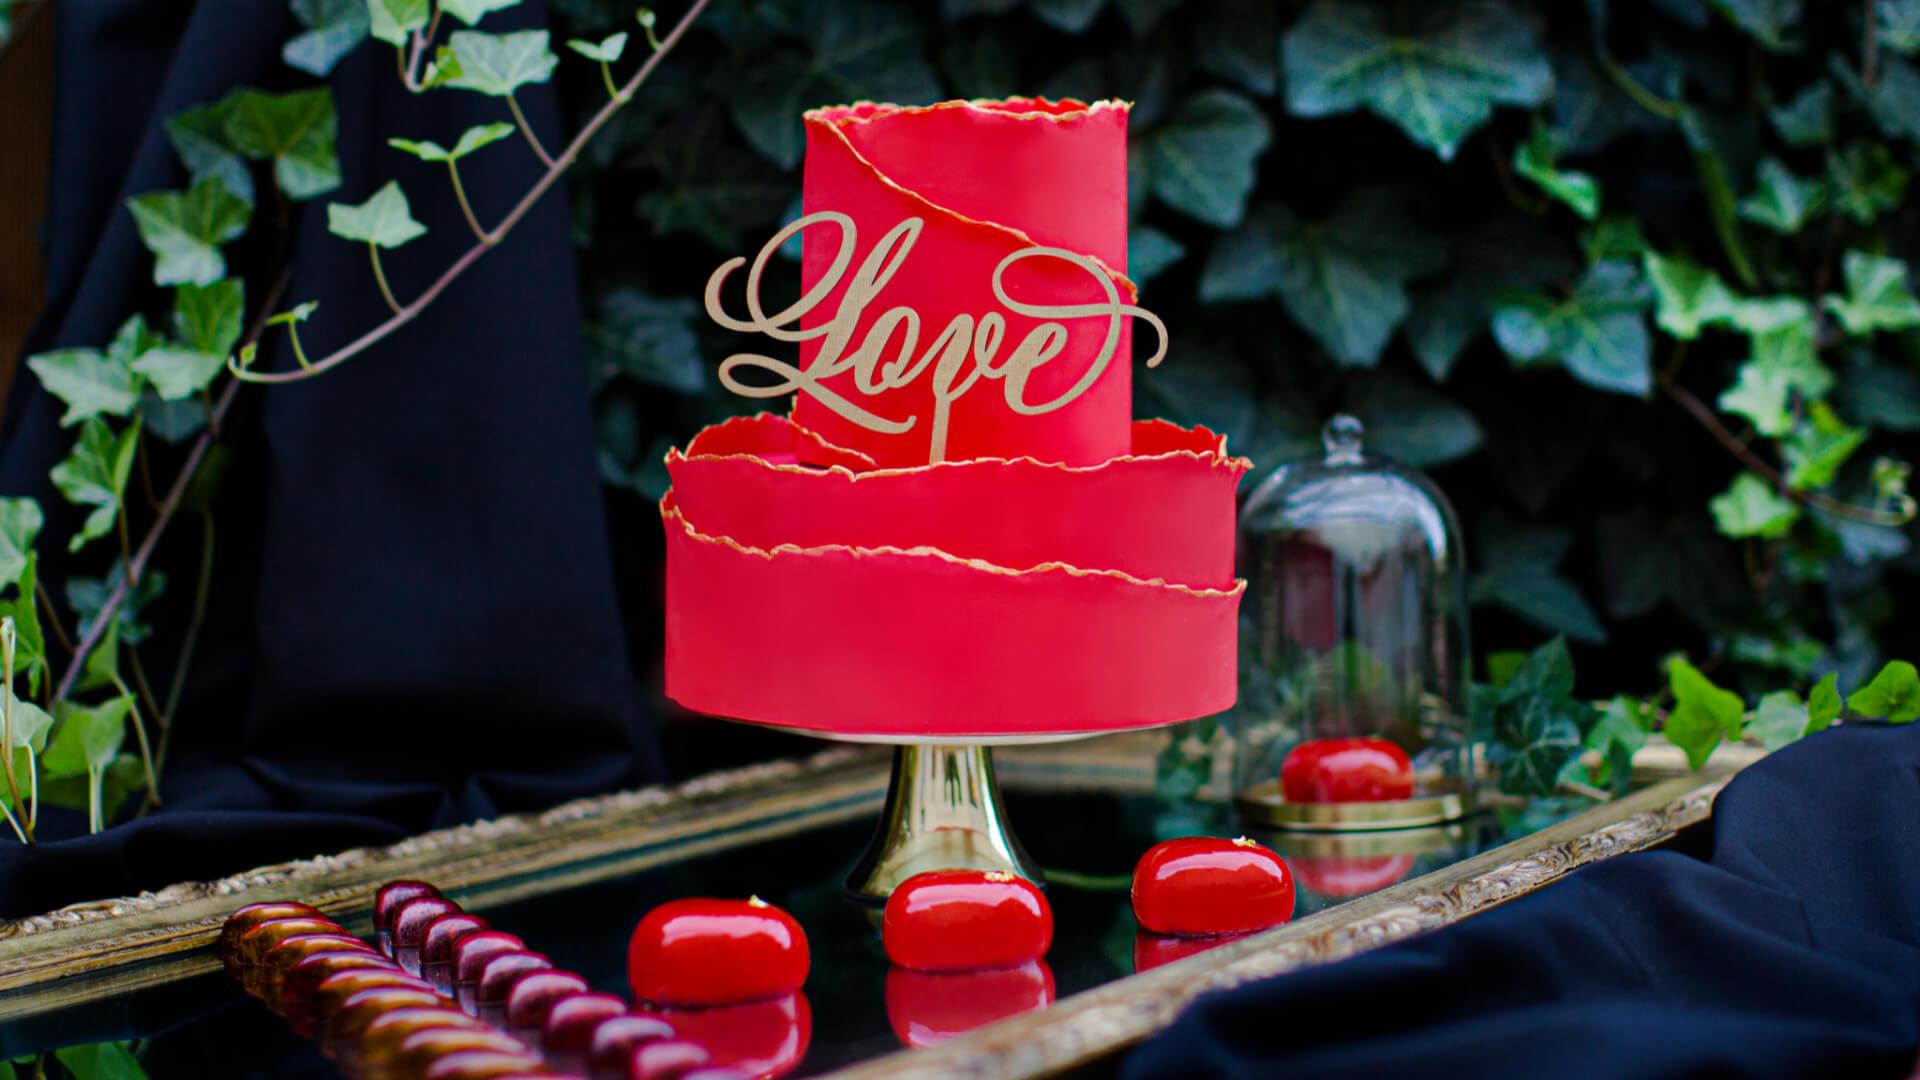 Wybór tortu na wesele - 3 rzeczy, które musisz wiedzieć